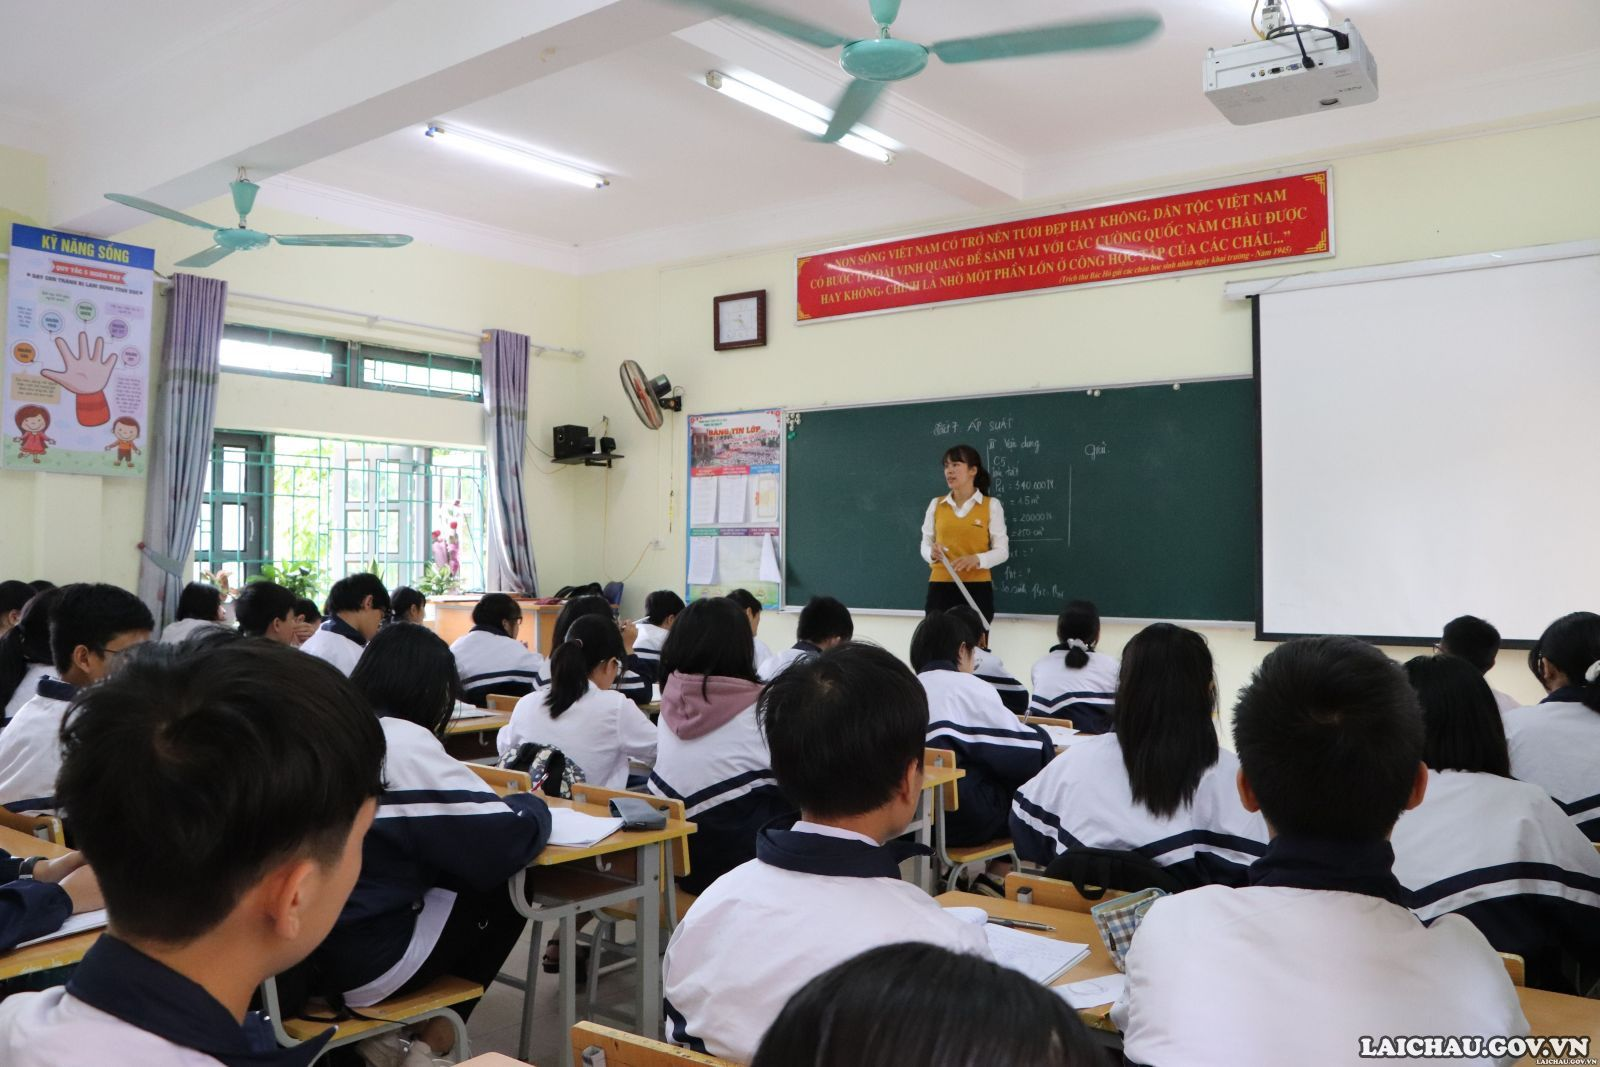 học sinh Lai Châu trở lại trường học (hình: Laichau.gov.vn)